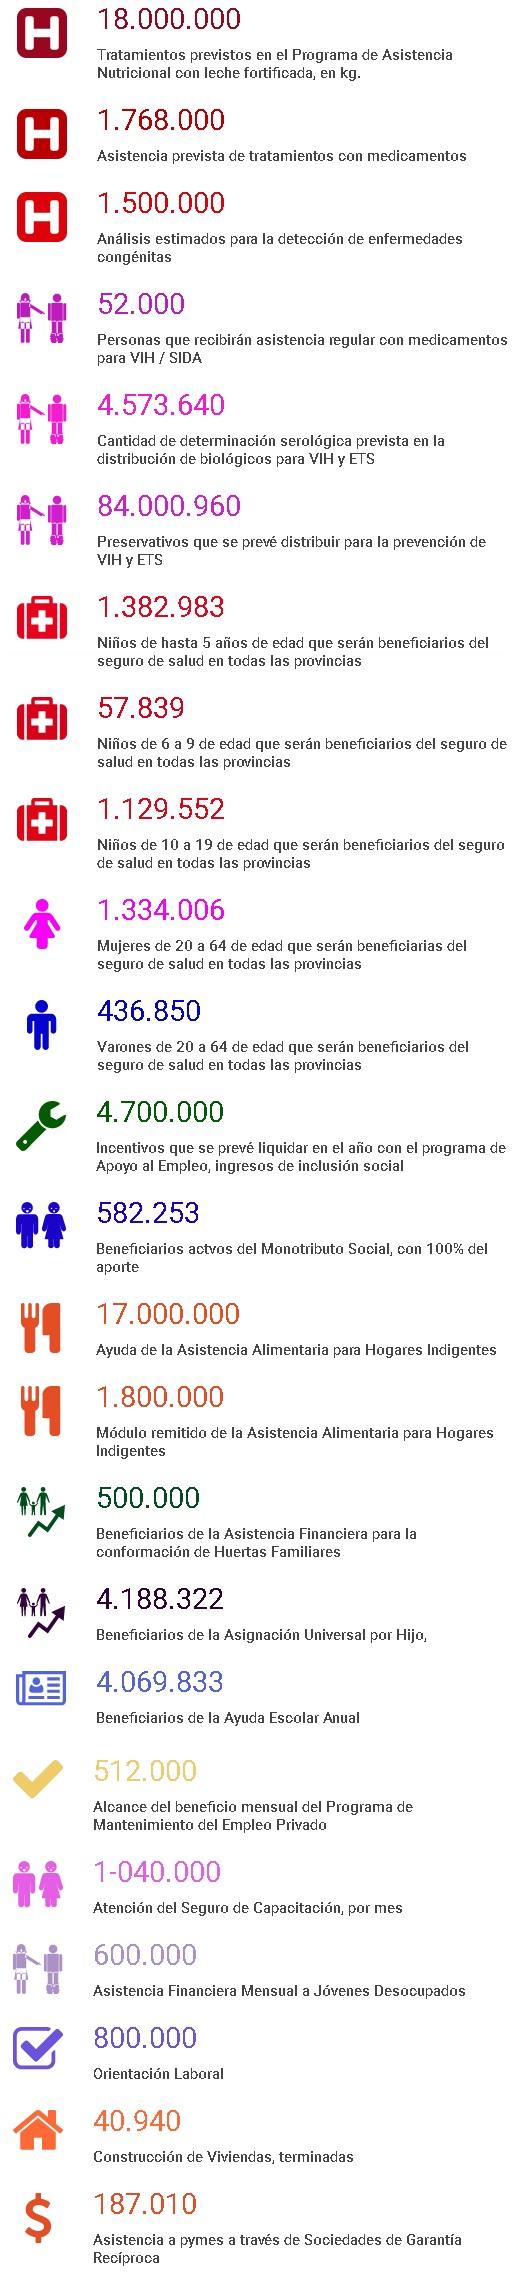 beneficiarios-de-los-programas-de-ayuda-y-asistencia-social